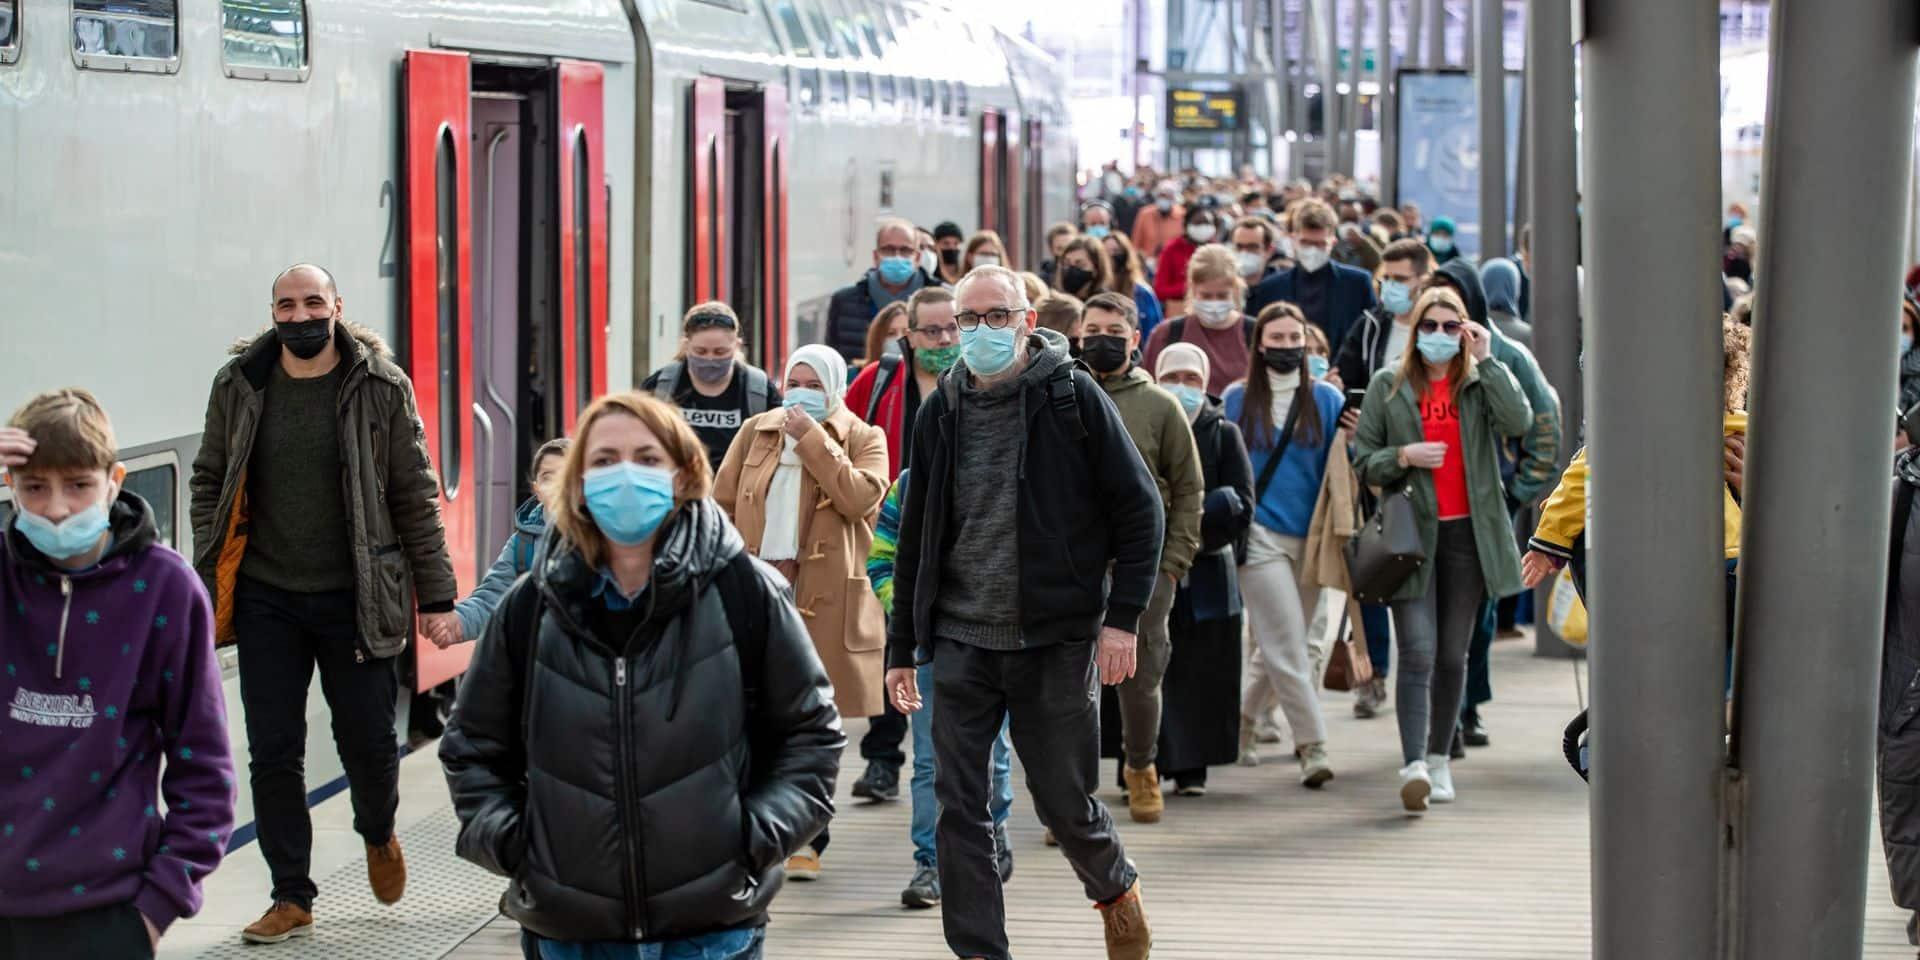 """""""Le cabinet de la Mobilité n'assume aucune responsabilité"""" : face à l'affluence dans les trains, le gouverneur de Flandre occidentale adresse une mise en demeure au ministre Gilkinet"""